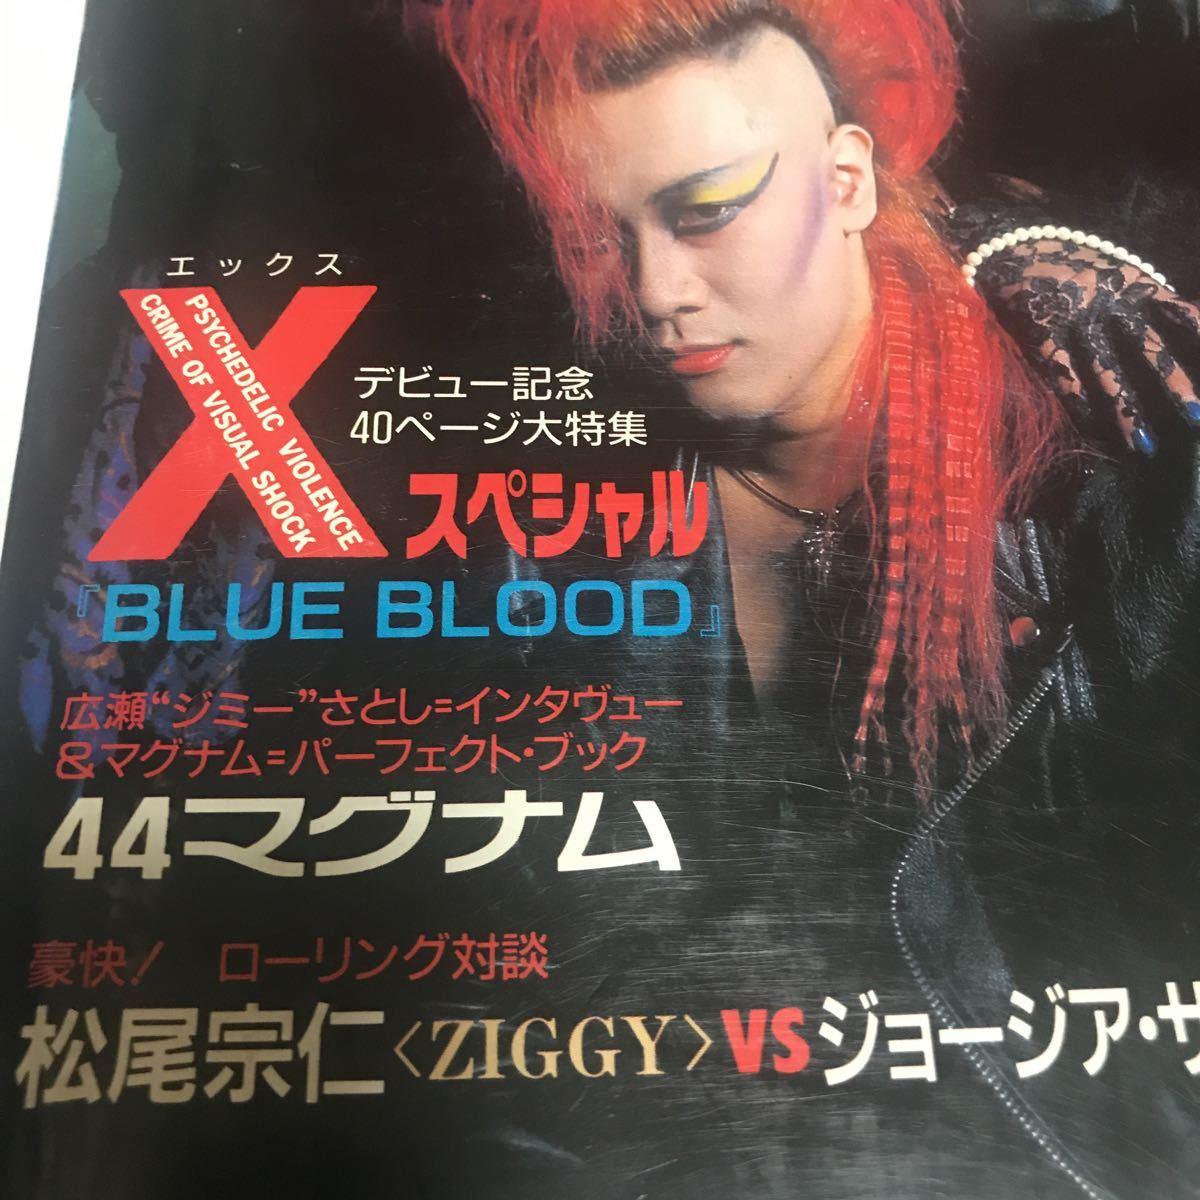 【貴重】 X JAPAN 表紙 ロッキンf 89年5月号 YOSHIKI TAIJI hide xjapan エックス ジャパメタ デランジェ 音楽雑誌 本 ZIGGY 44マグナム_画像2